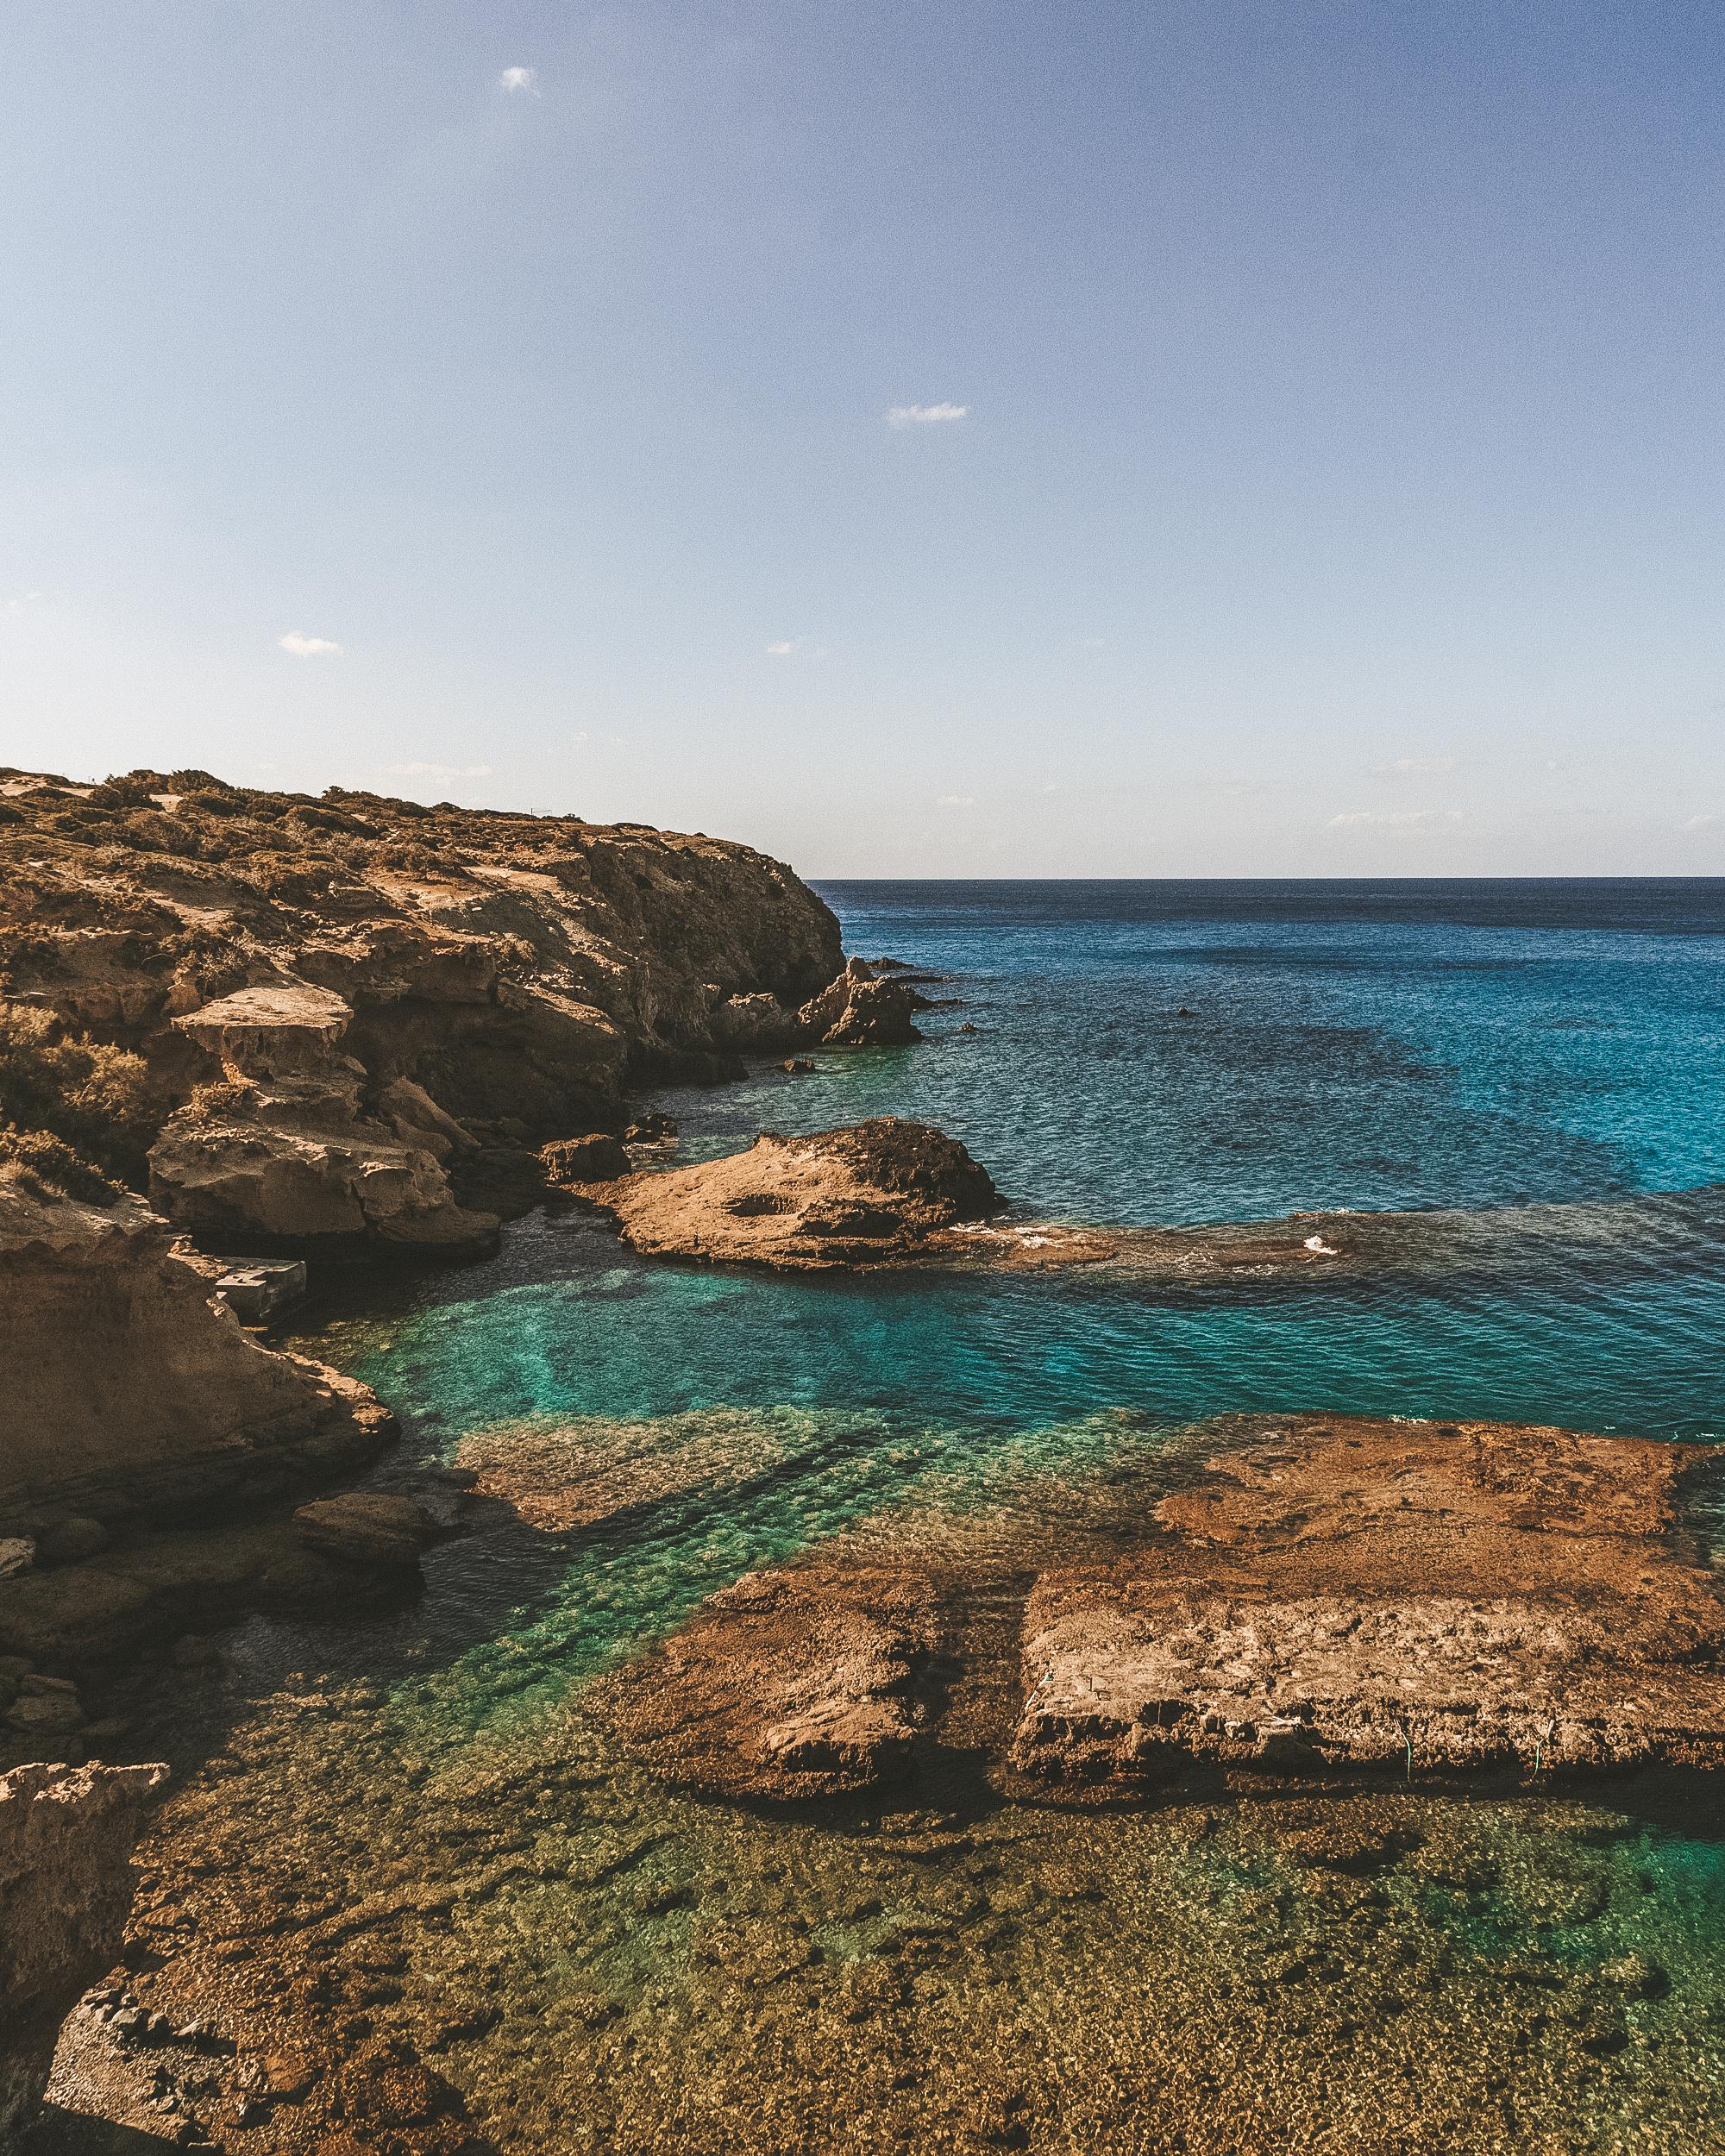 希腊米洛斯的普拉蒂耶诺海滩,令人惊叹的蓝色大海和崎岖的棕色岩石